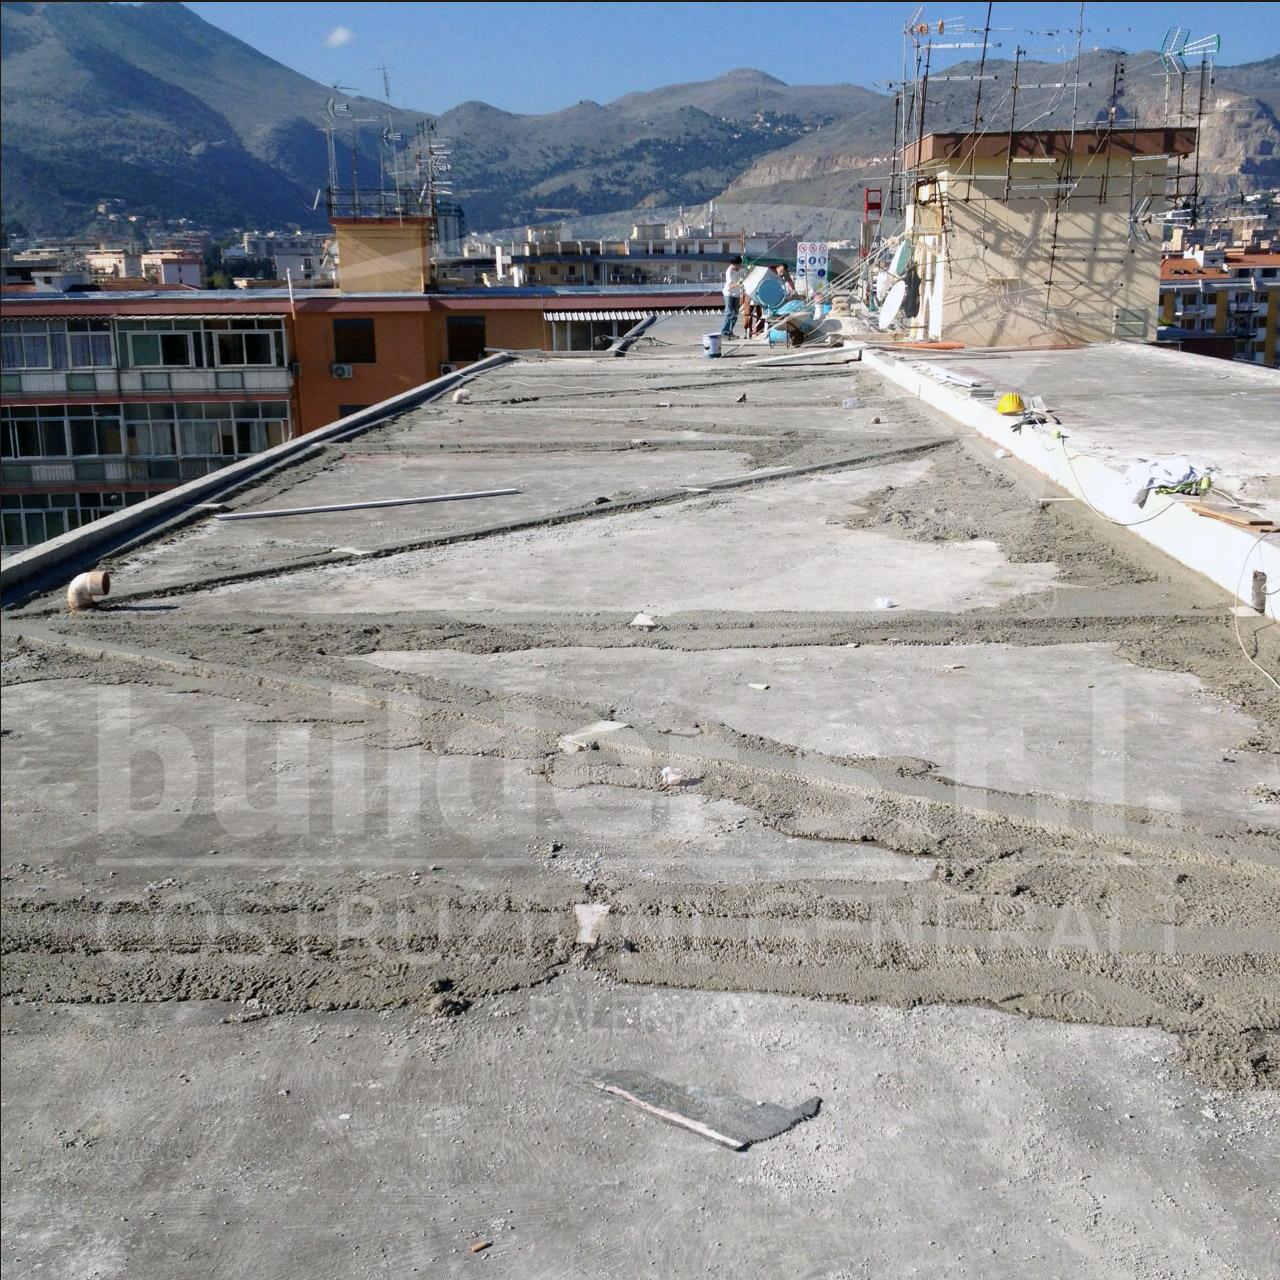 Costruzione quasi ultimata del nuovo massetto alleggerito. - Lo spazio delimitato dalle nuove guide verrà riempito da cemento, sabbia e polistirene Poron.